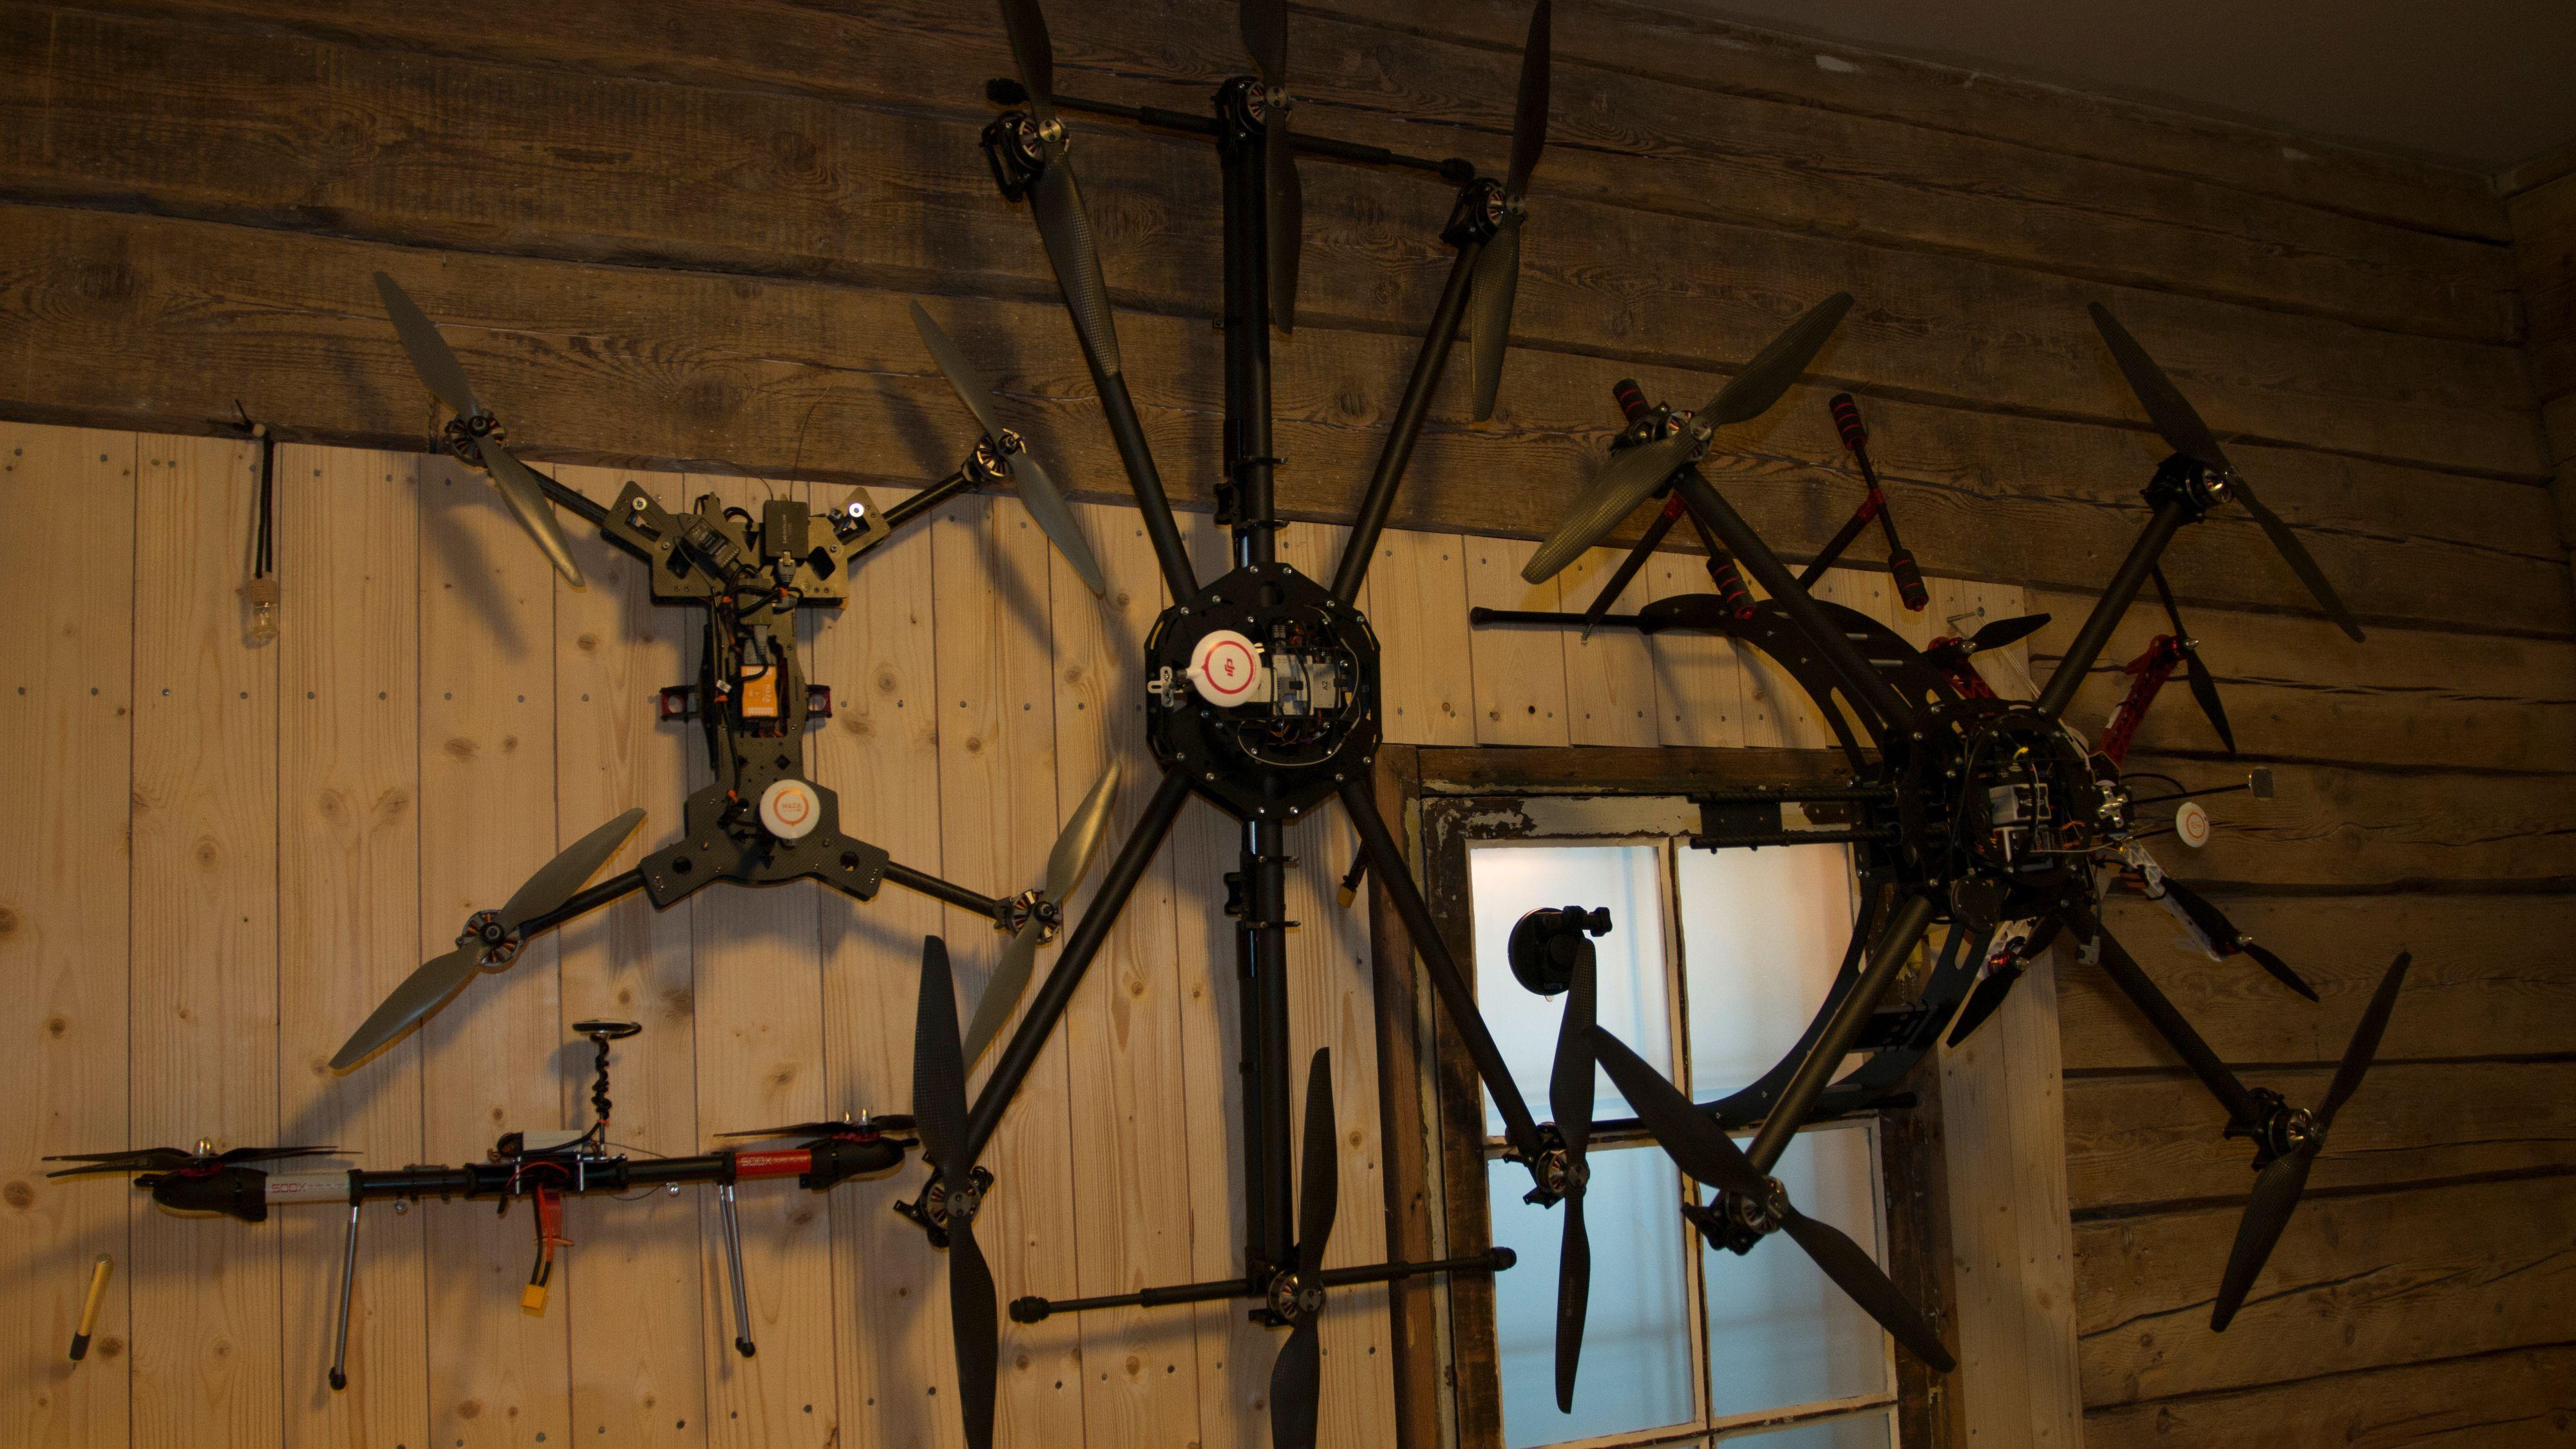 Noen av dronene Slettevoll og Droneverkstedet jobber med for tiden. Merket på propellene er fjernet digitalt fra bildet, etter ønske fra Droneverstedet. Foto: Kristoffer Møllevik